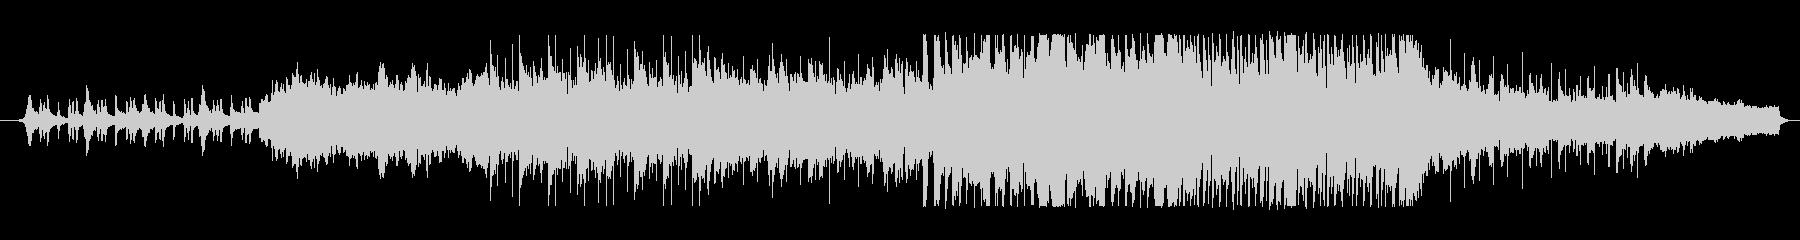 爽やかファンタジーな管楽器シンセサウンドの未再生の波形